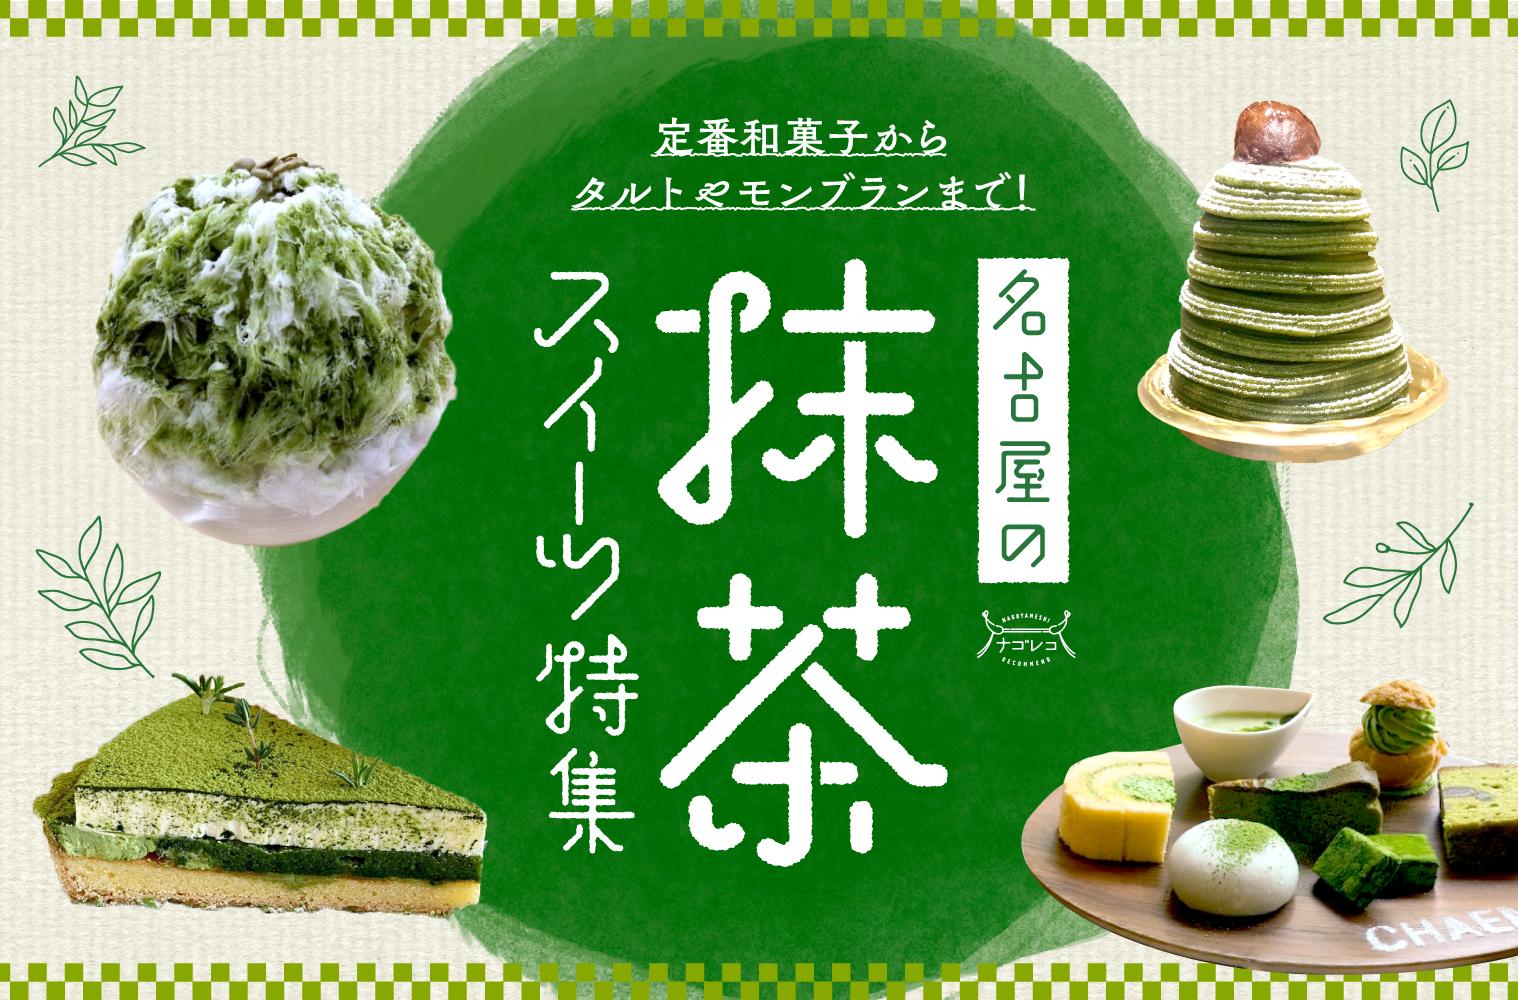 まとめ|定番和菓子からタルトやモンブランまで!名古屋の抹茶スイーツ特集!